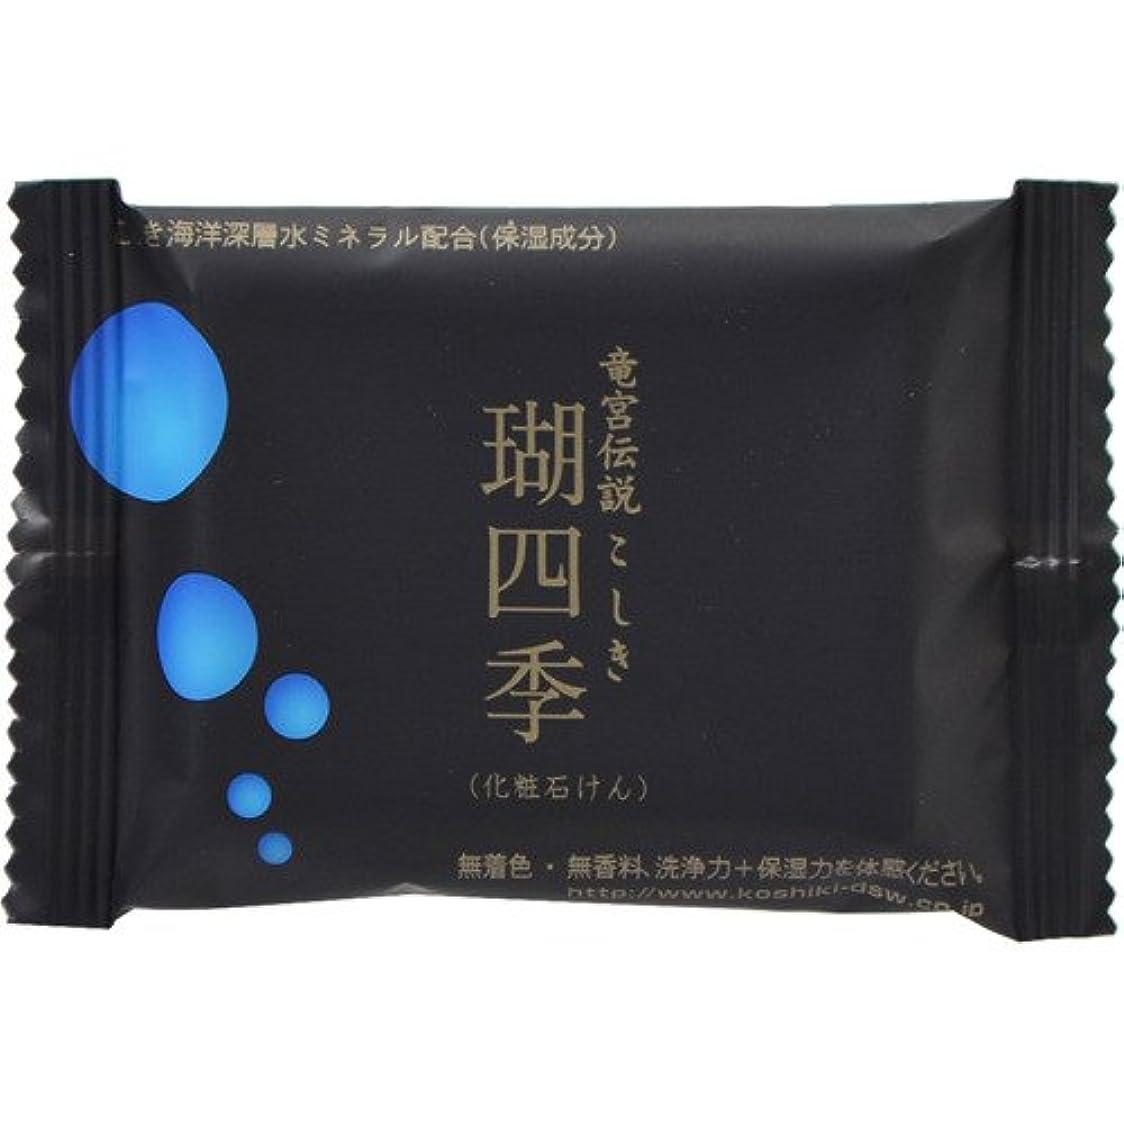 力学魅力的とても多くの瑚四季 化粧石鹸 30g